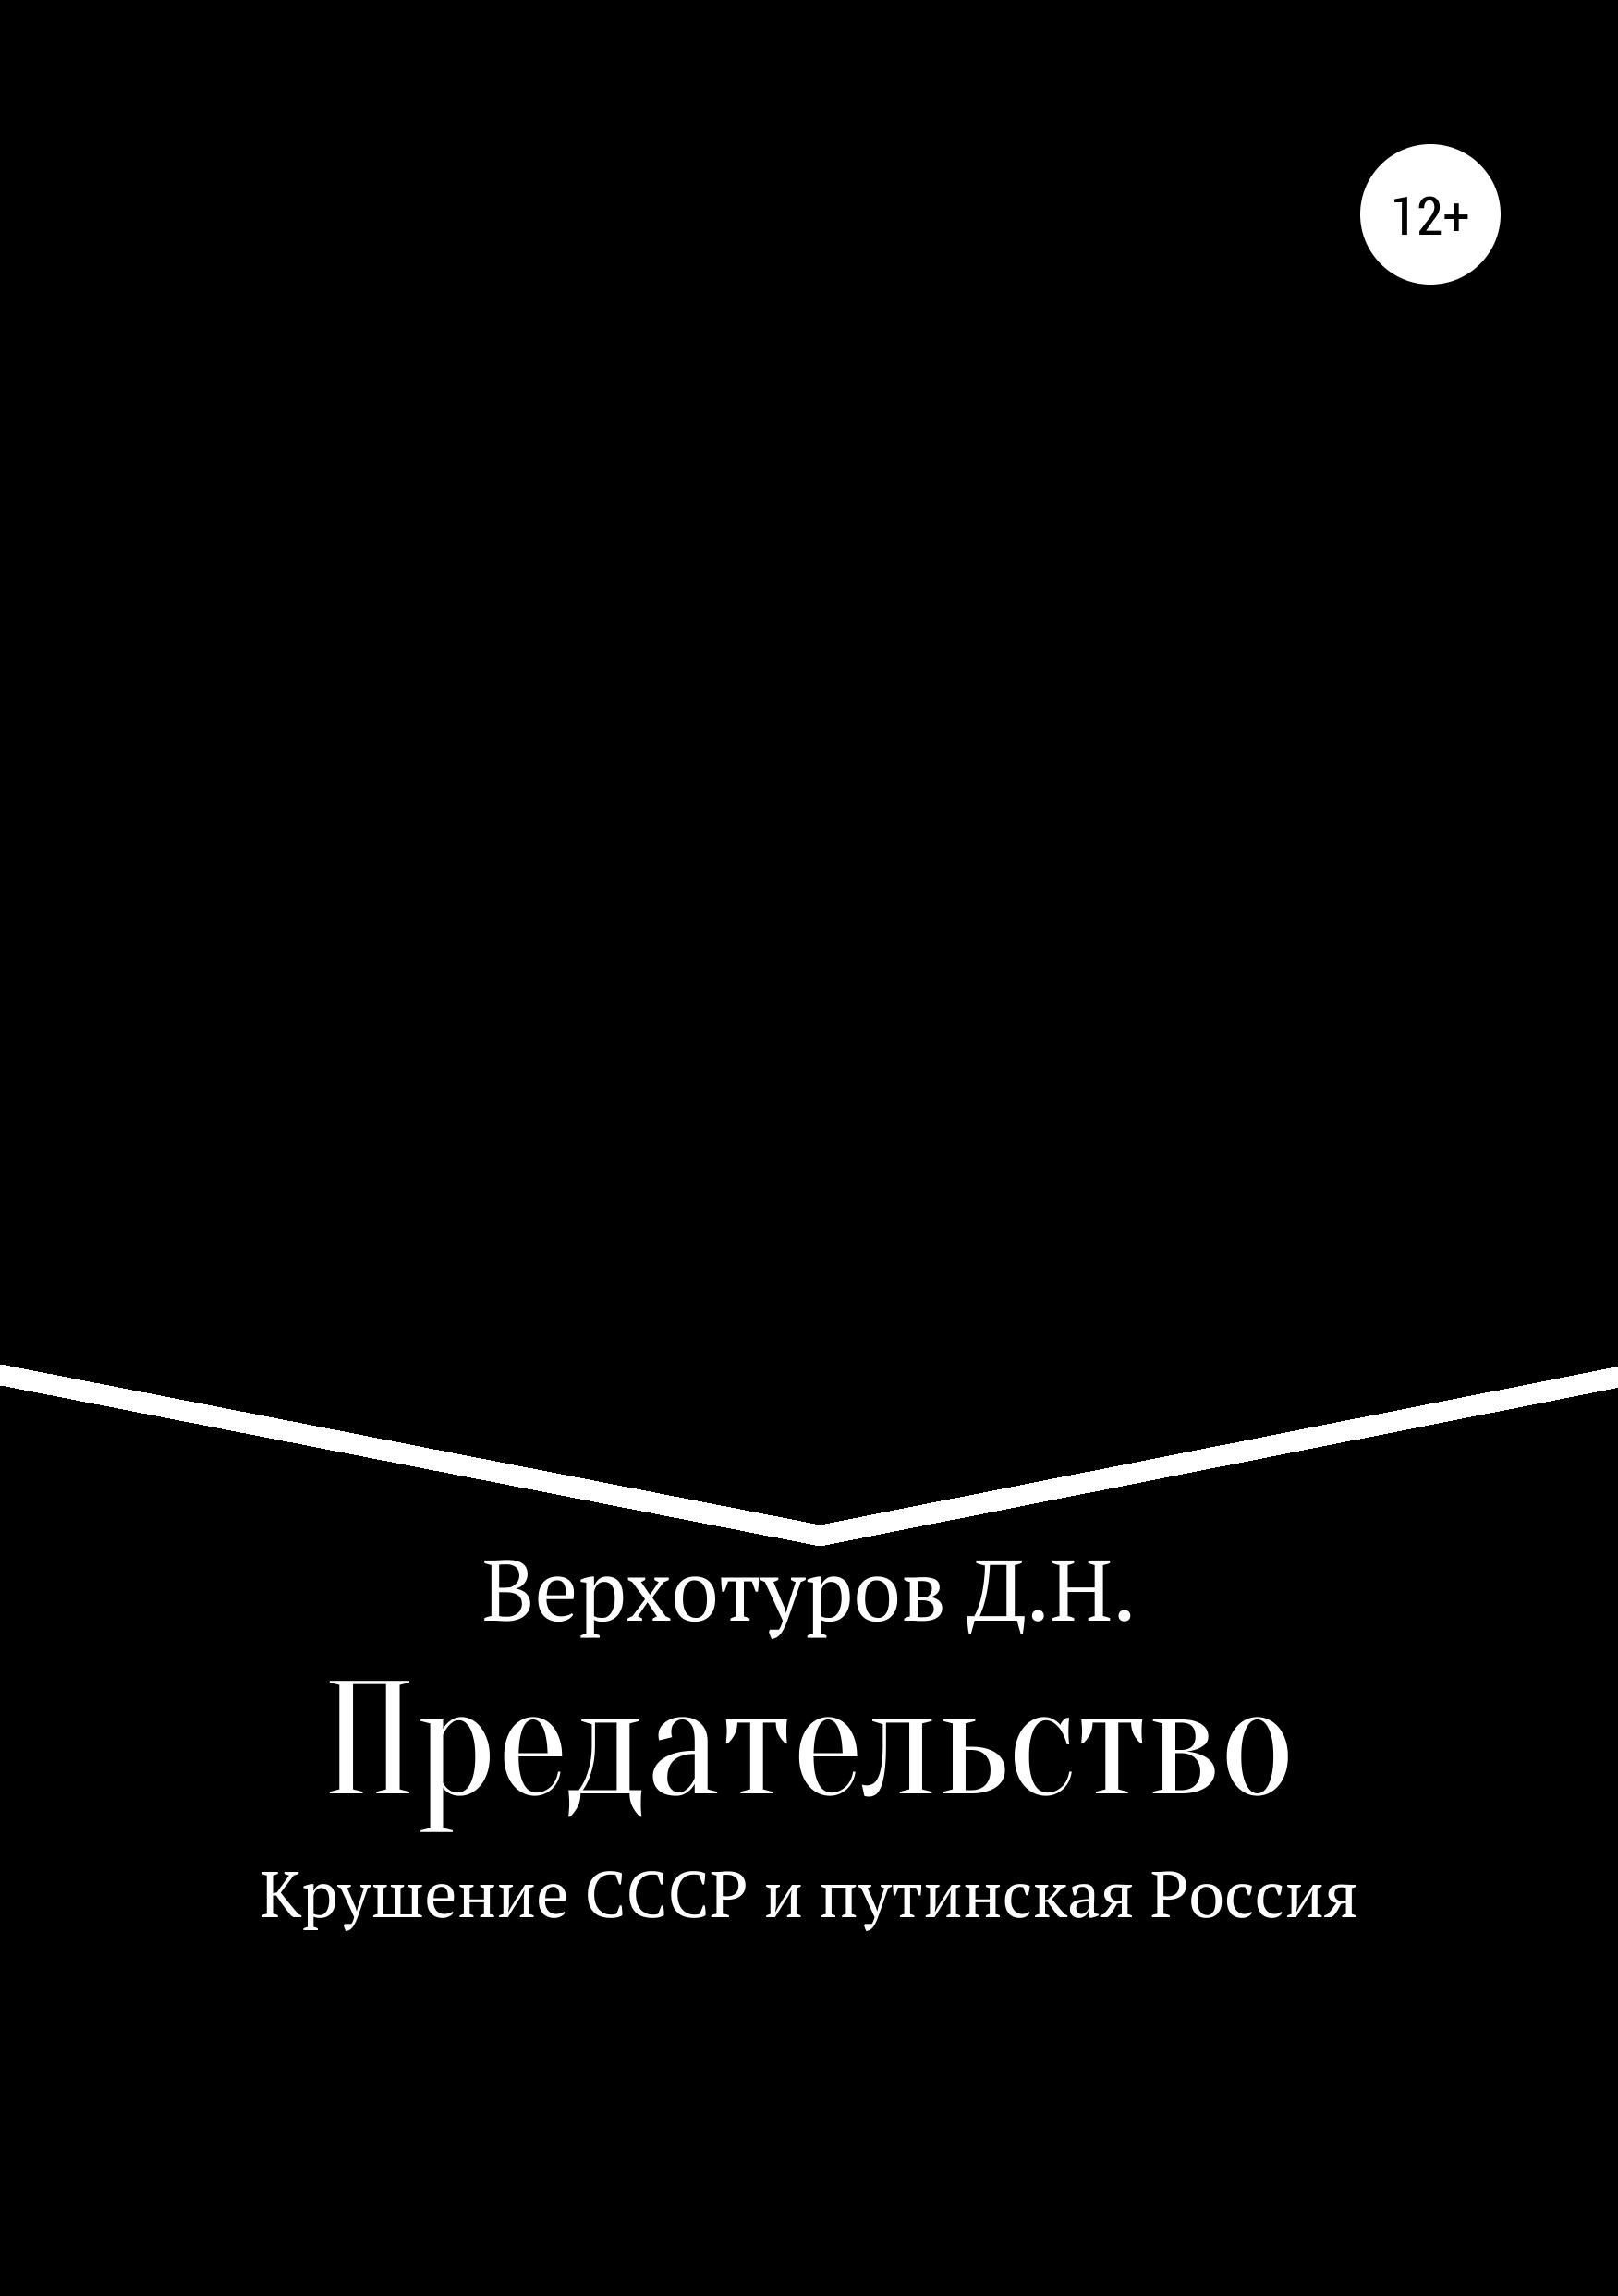 Предательство. Крушение СССР и путинская Россия